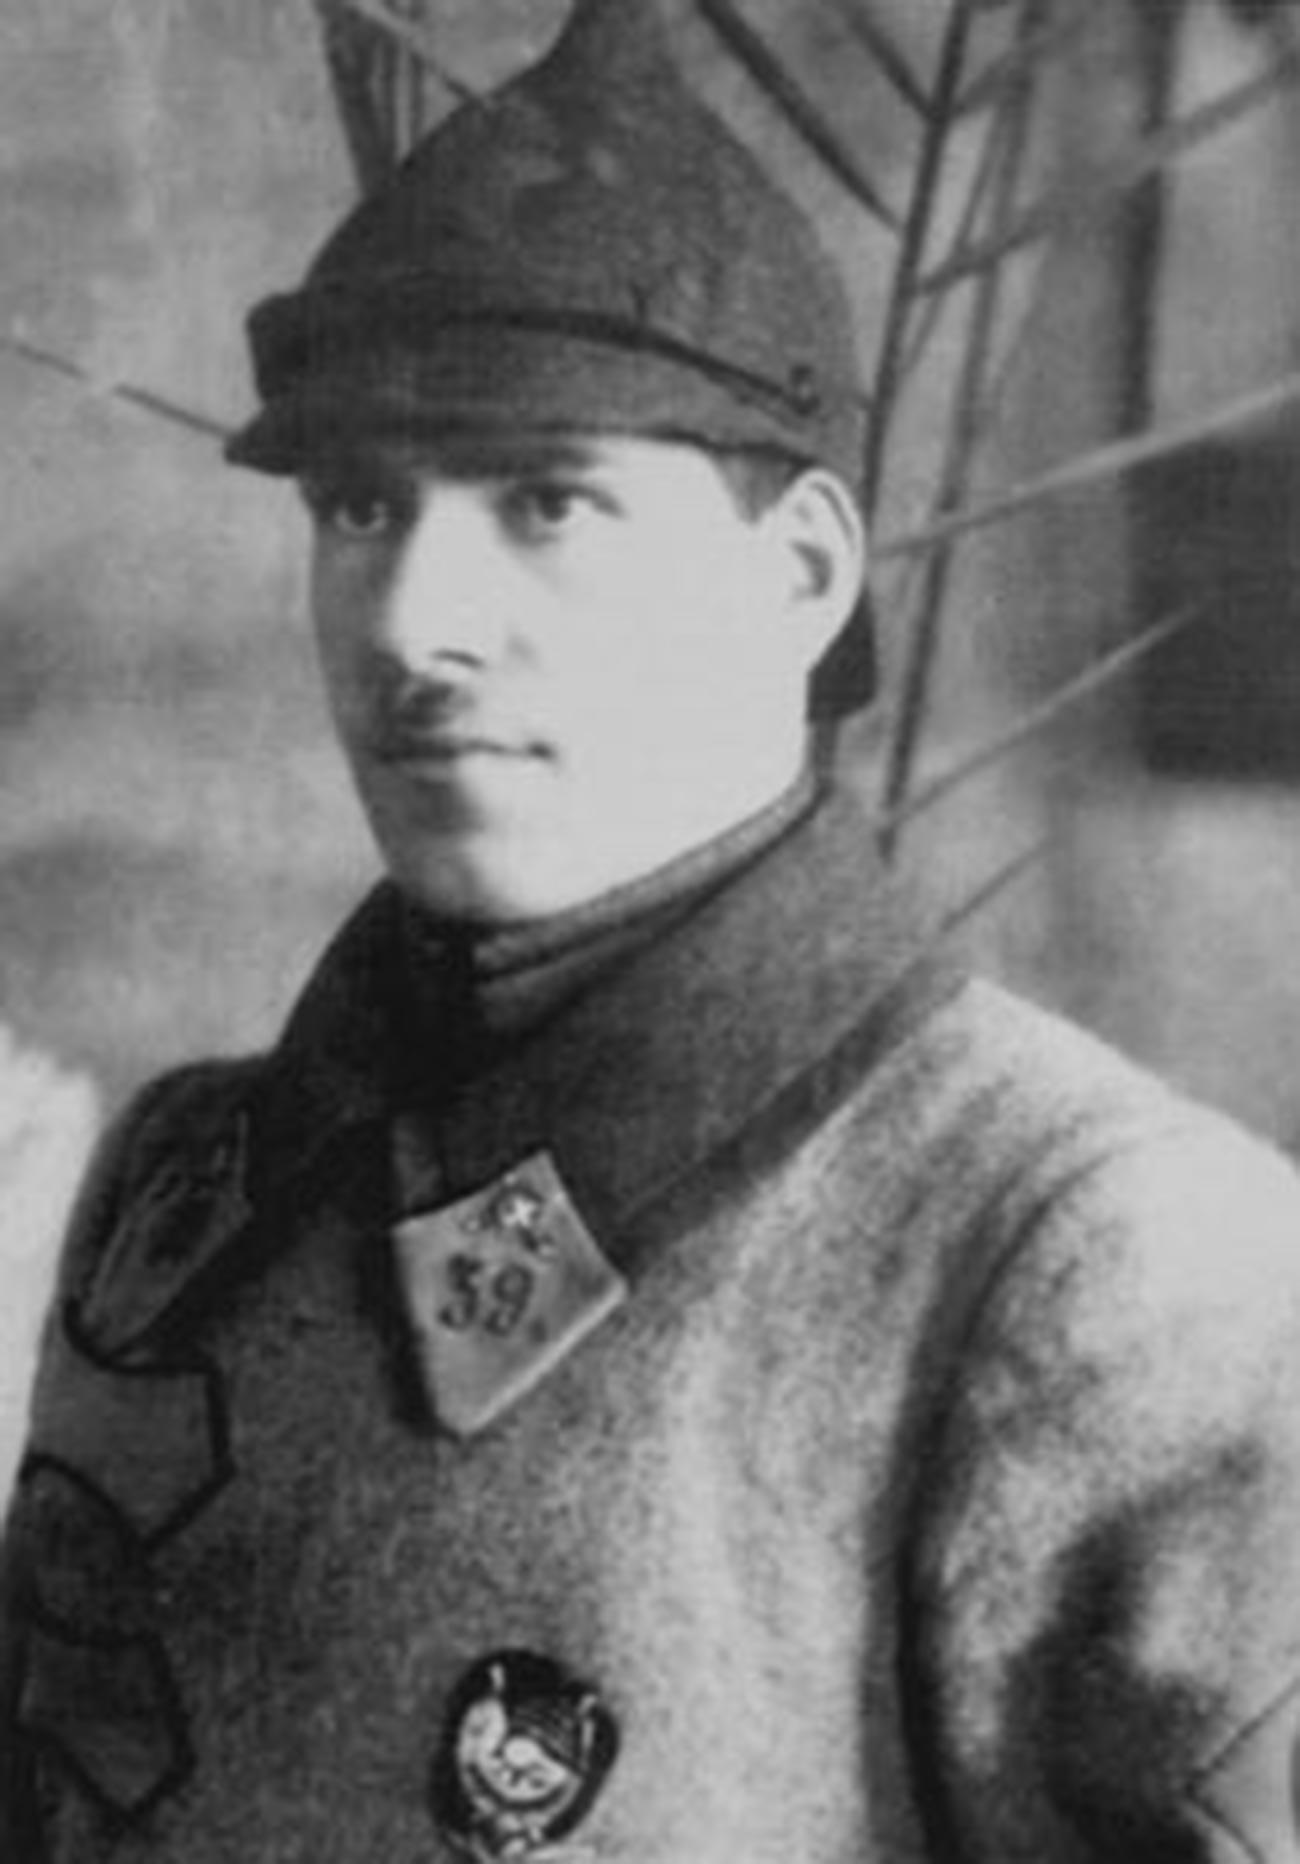 Командир 39-го Бузулукского кавполка Г. К. Жуков. 1923 год.